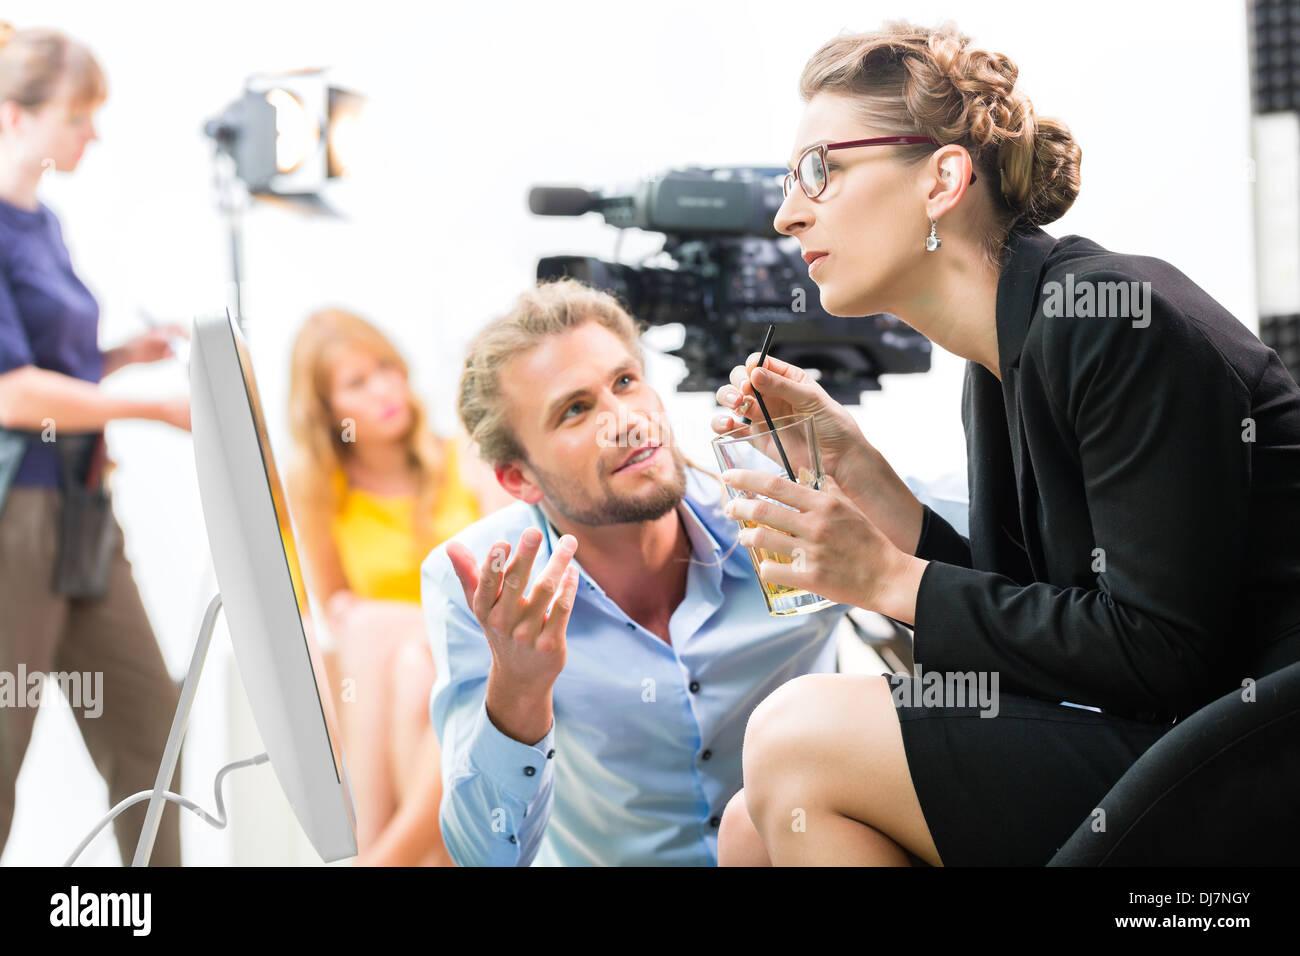 Team oder Direktor diskutieren während einer Pause Richtung Szene am Set eines kommerziellen Videoproduktion oder Reportage auf einen Bildschirm Stockbild